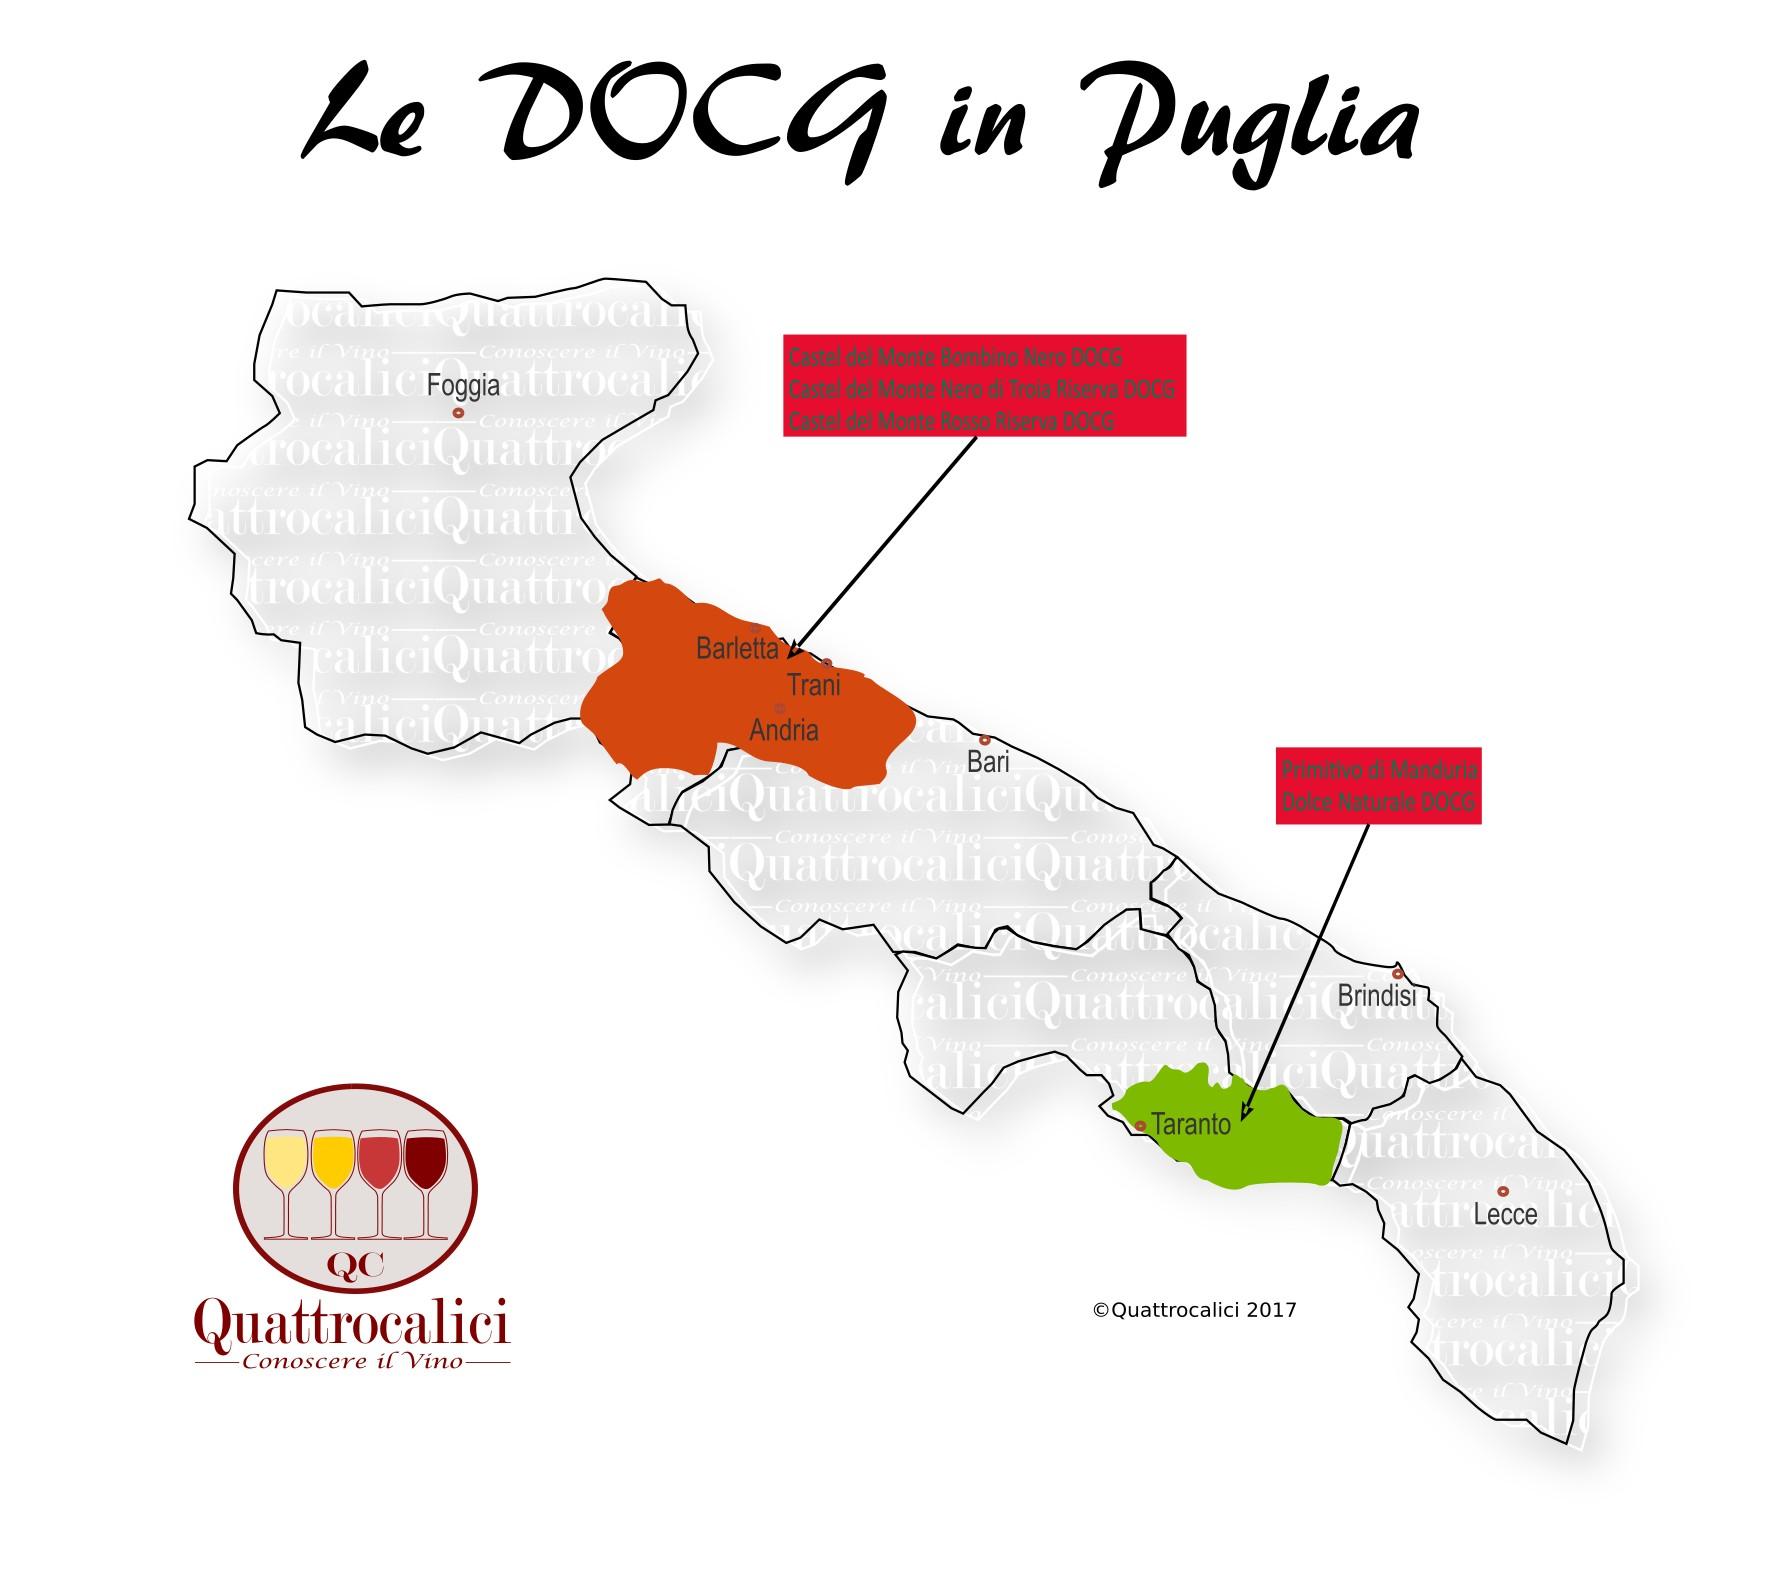 Le DOCG in Puglia